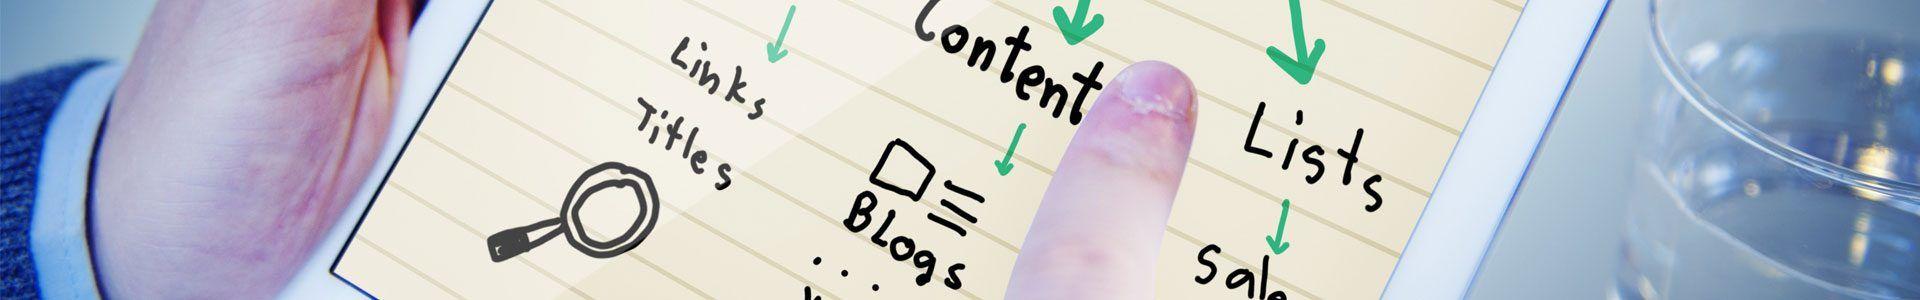 5 tips om je digitale marketing nog relevanter en persoonlijker te maken